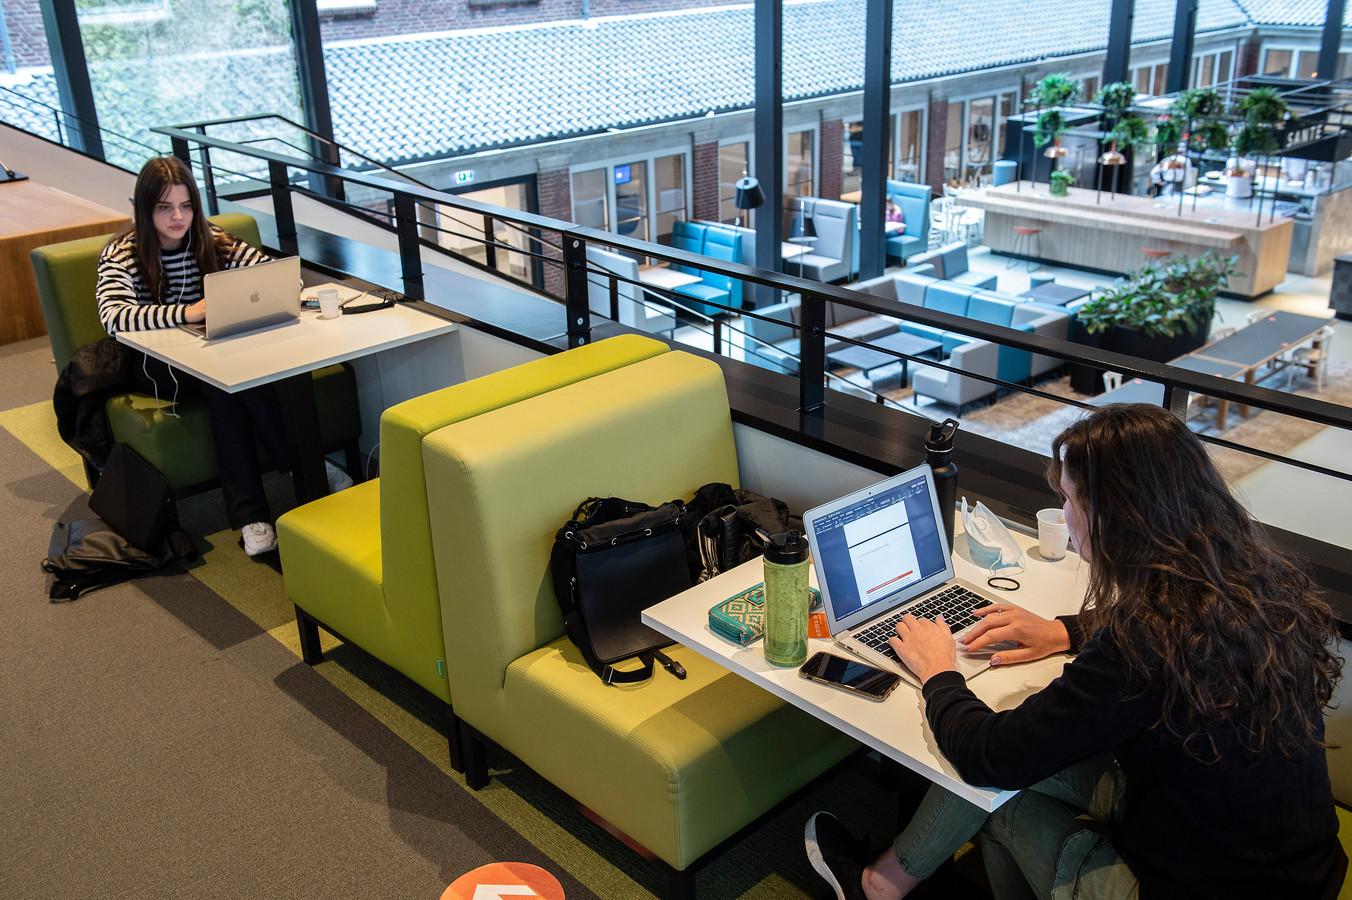 Studenten kunnen bij BUas op voldoende afstand studeren in de centrale ruimte.